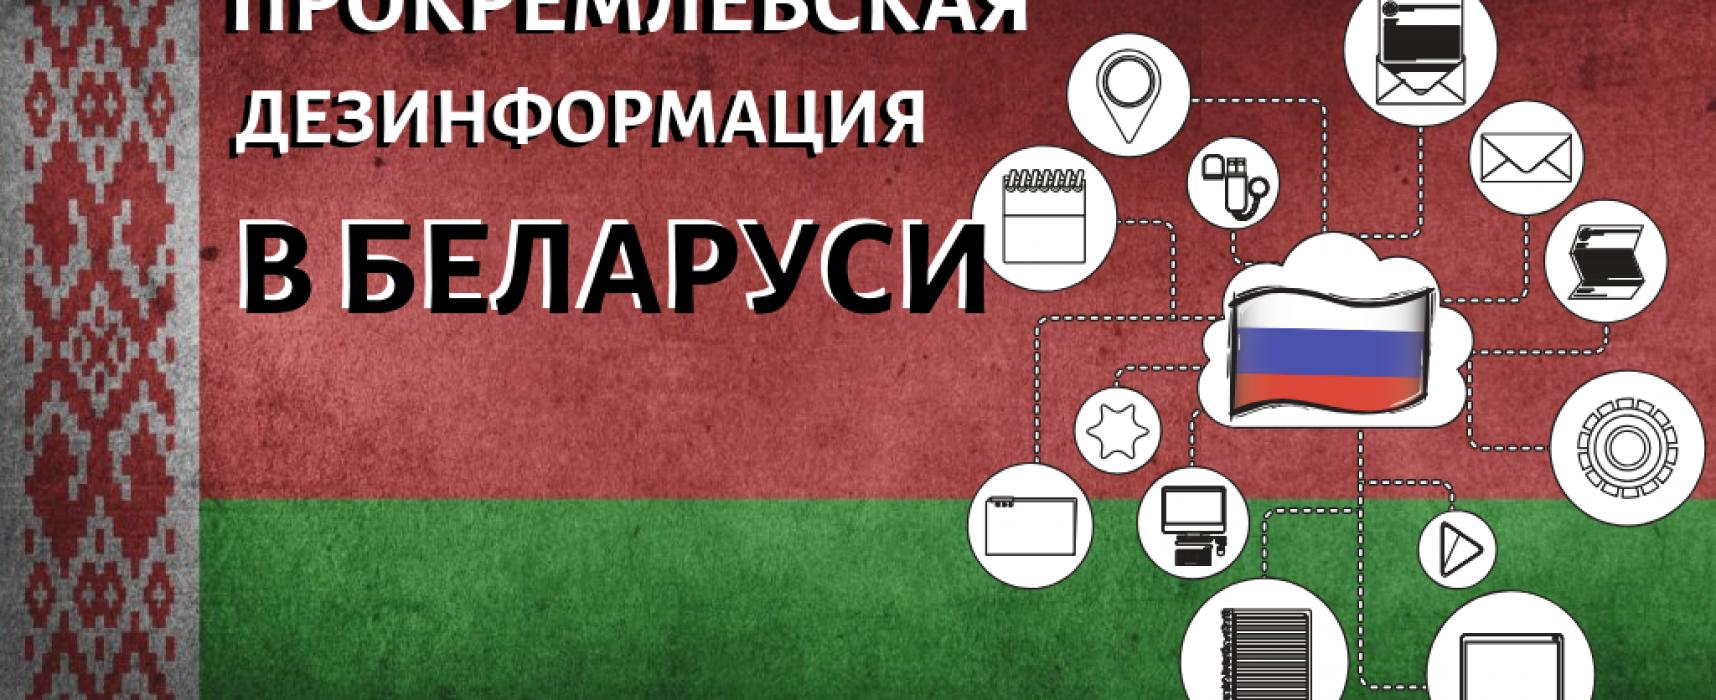 Ваше місцеве прокремлівське ЗМІ: Дезінформація в Білорусі